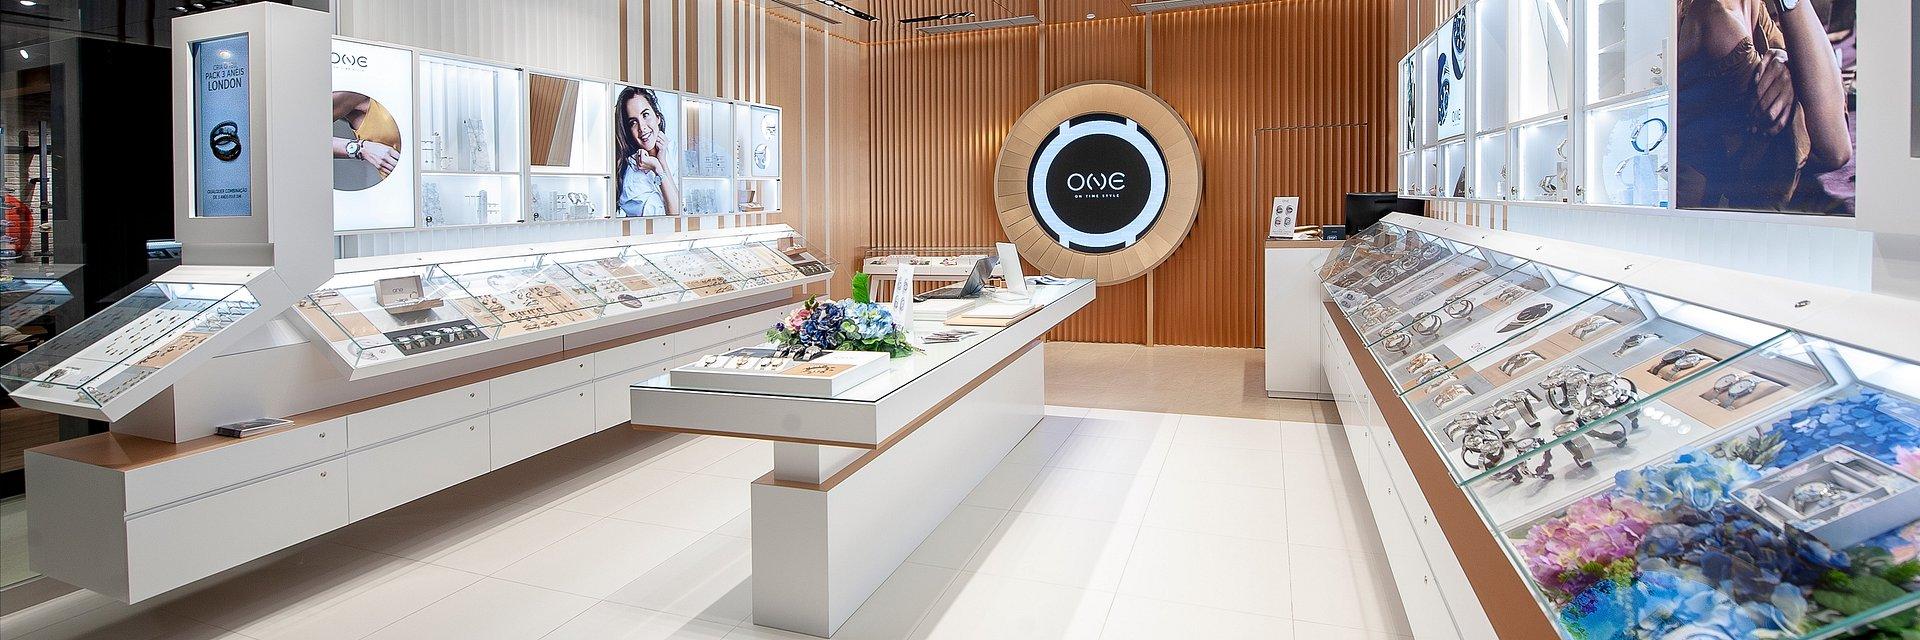 ONE inaugura primeira loja própria em Portugal